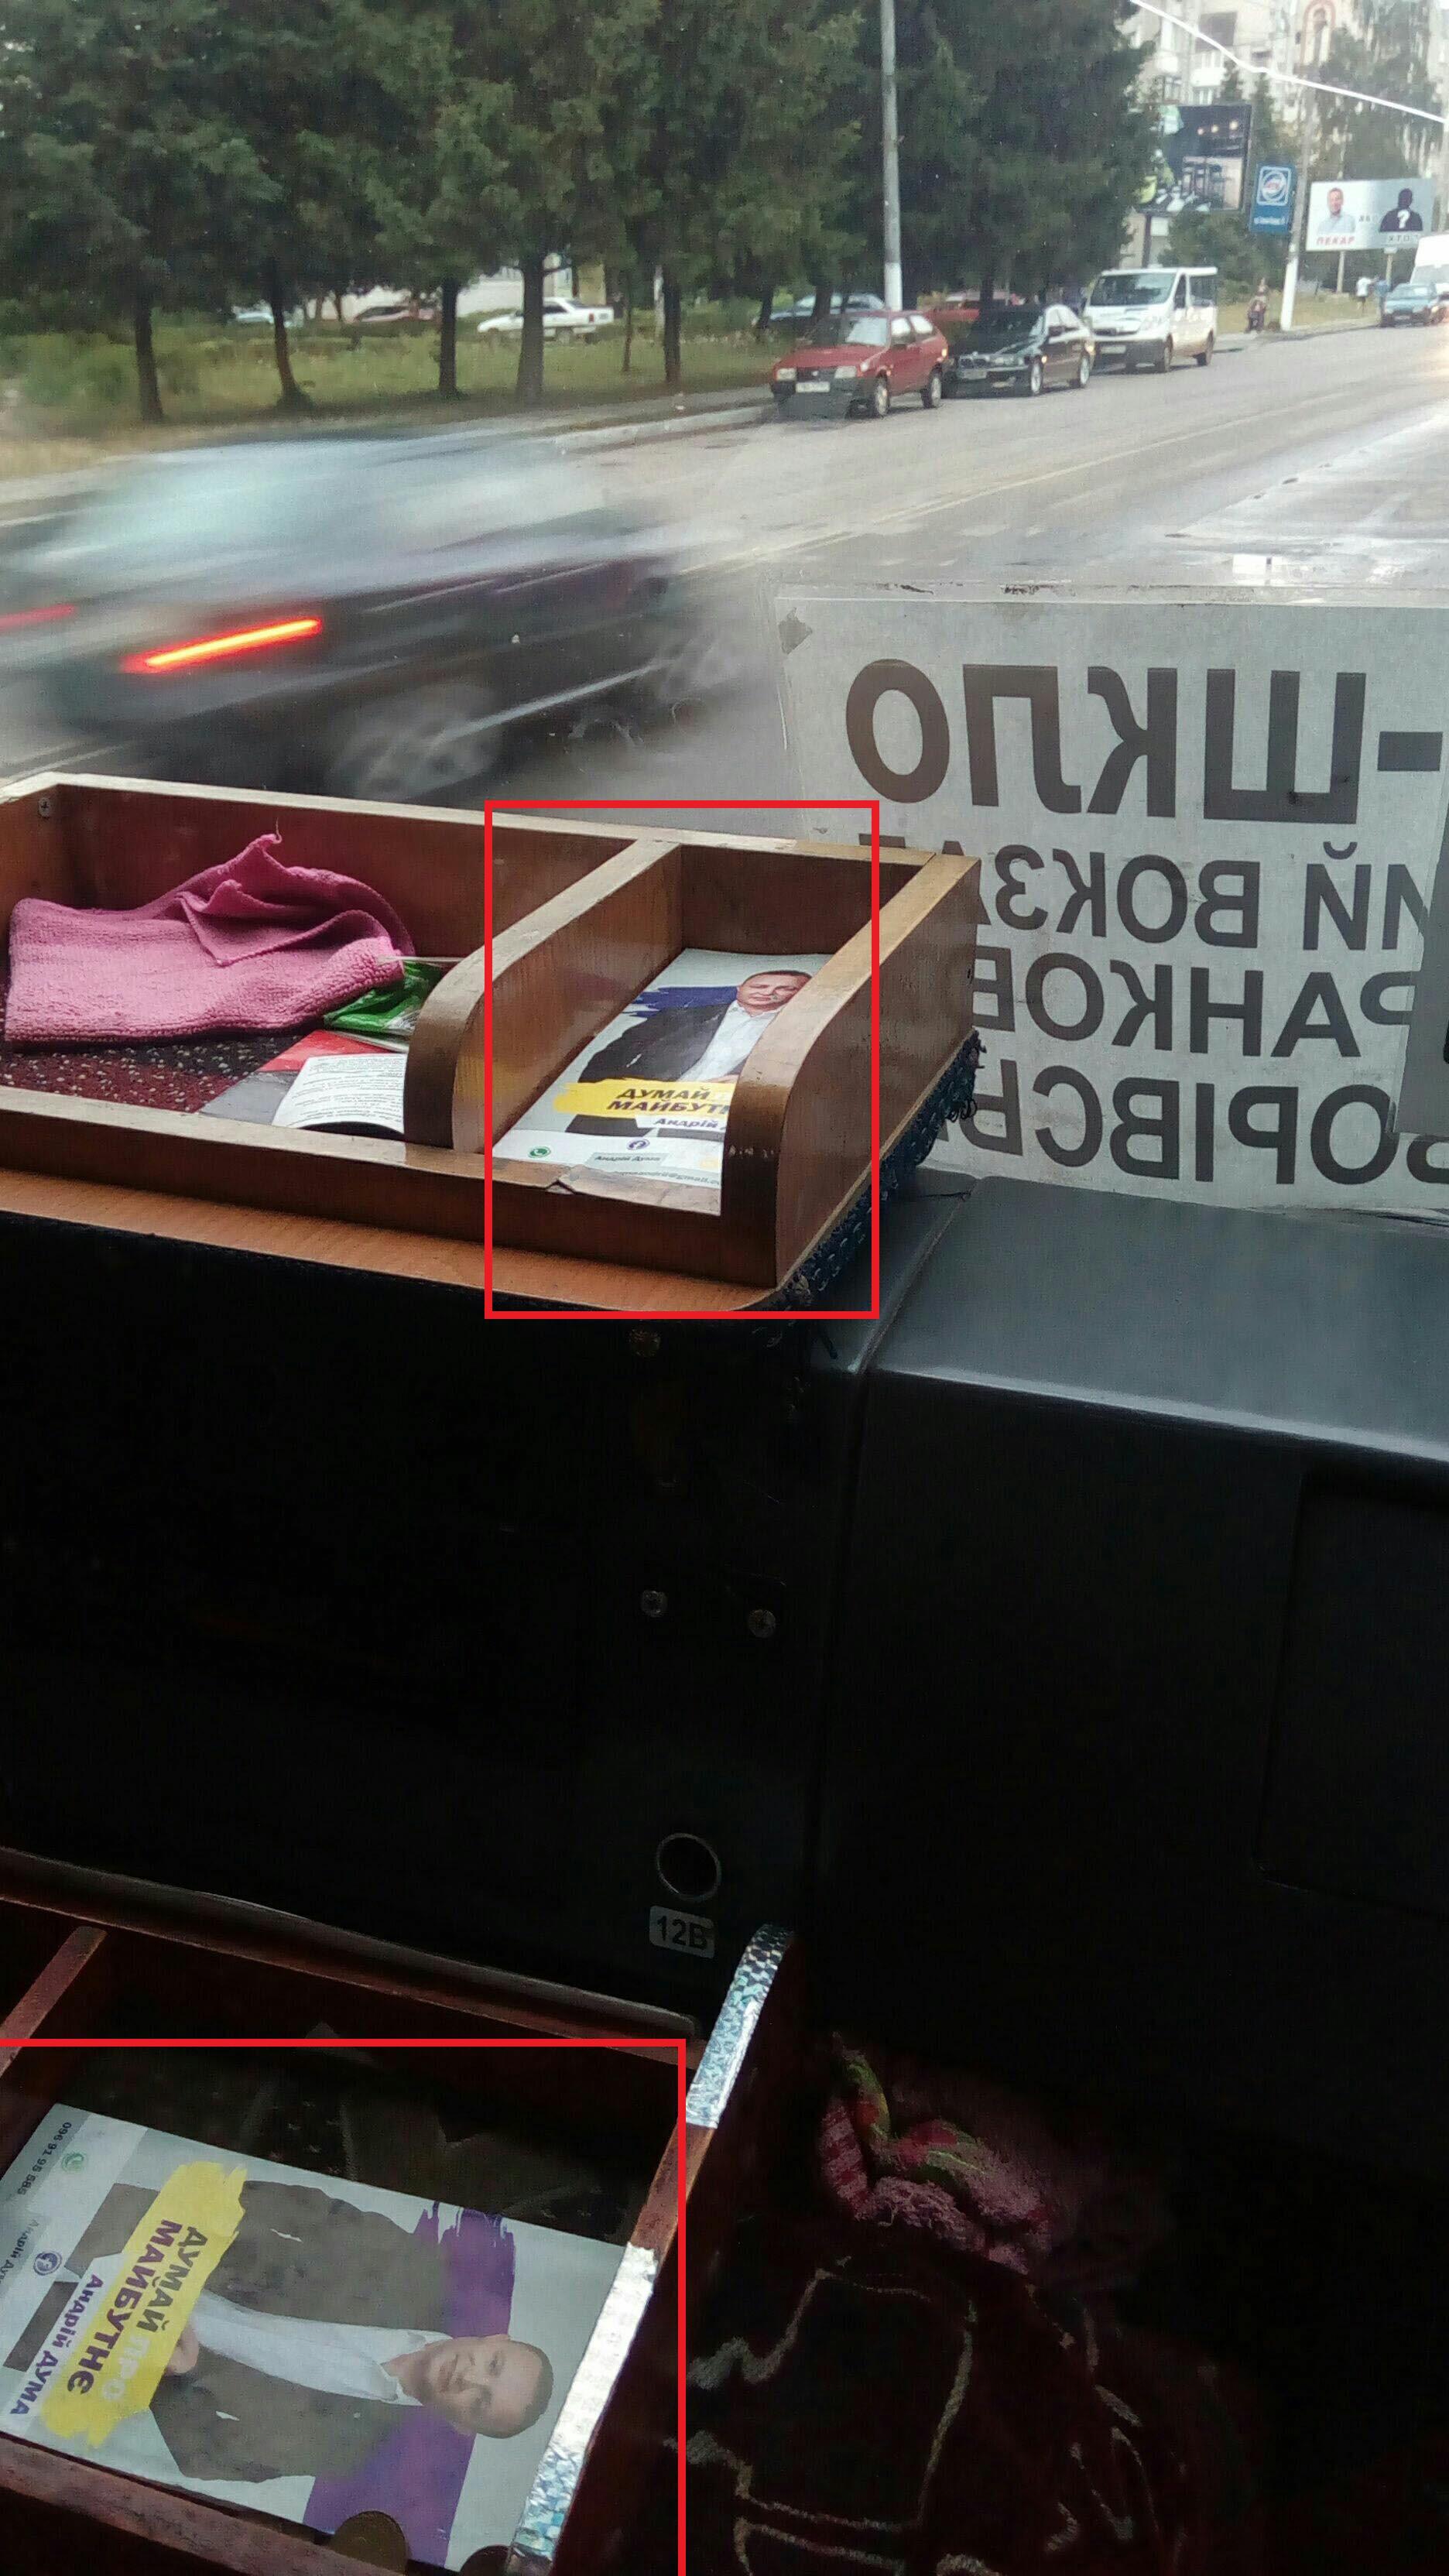 На Львівщині кандидати розміщують агітаційні матеріали у громадському